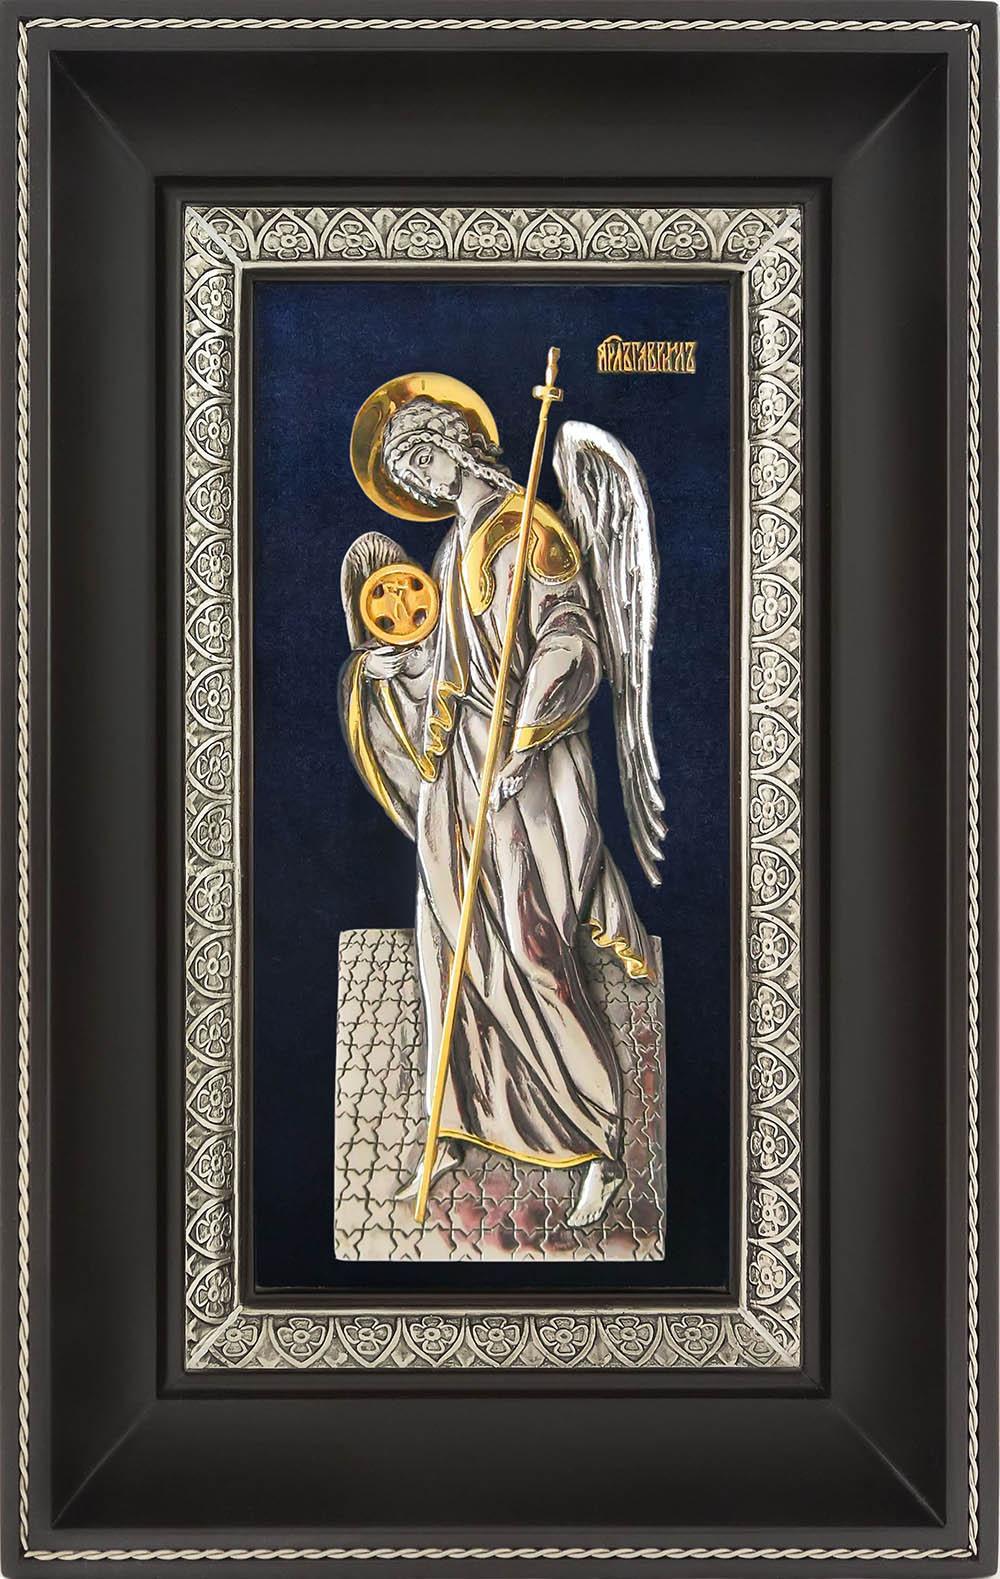 фото икона святого архангела Гавриила гальванопластика золото серебро деревянная рамка